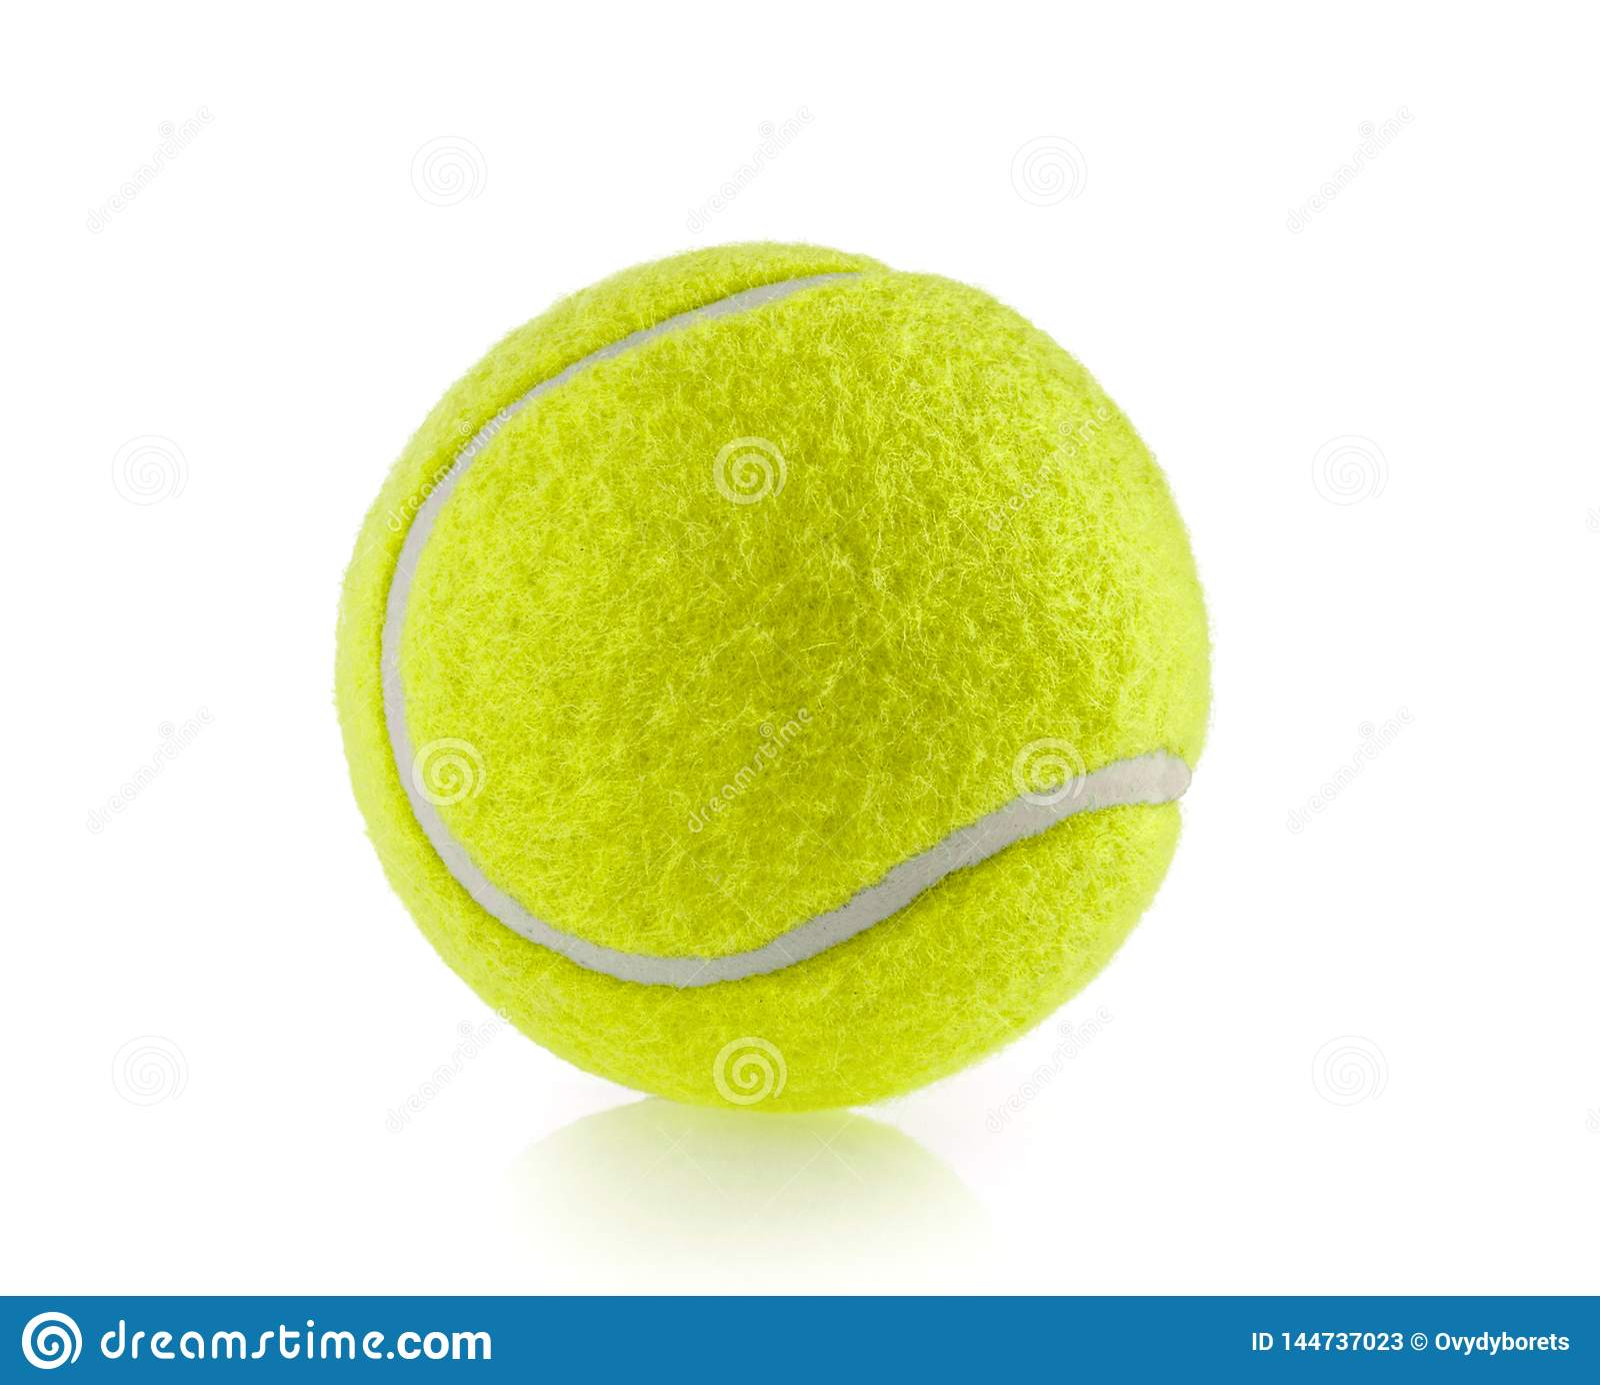 Fundo branco isolado da bola de tênis - fotografia